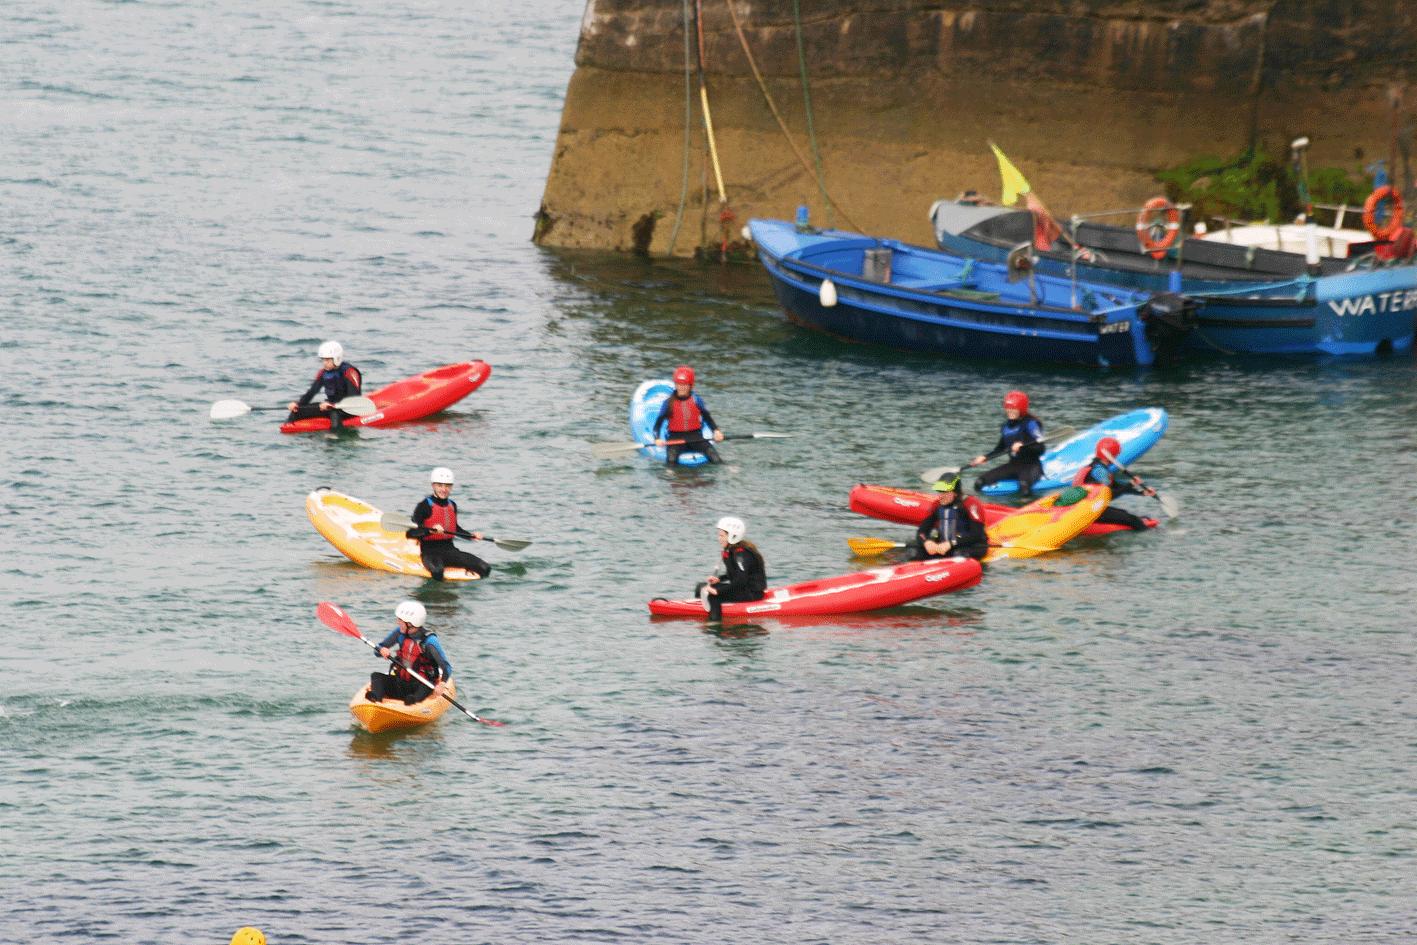 Ecole de mer kayaking activity ardmore